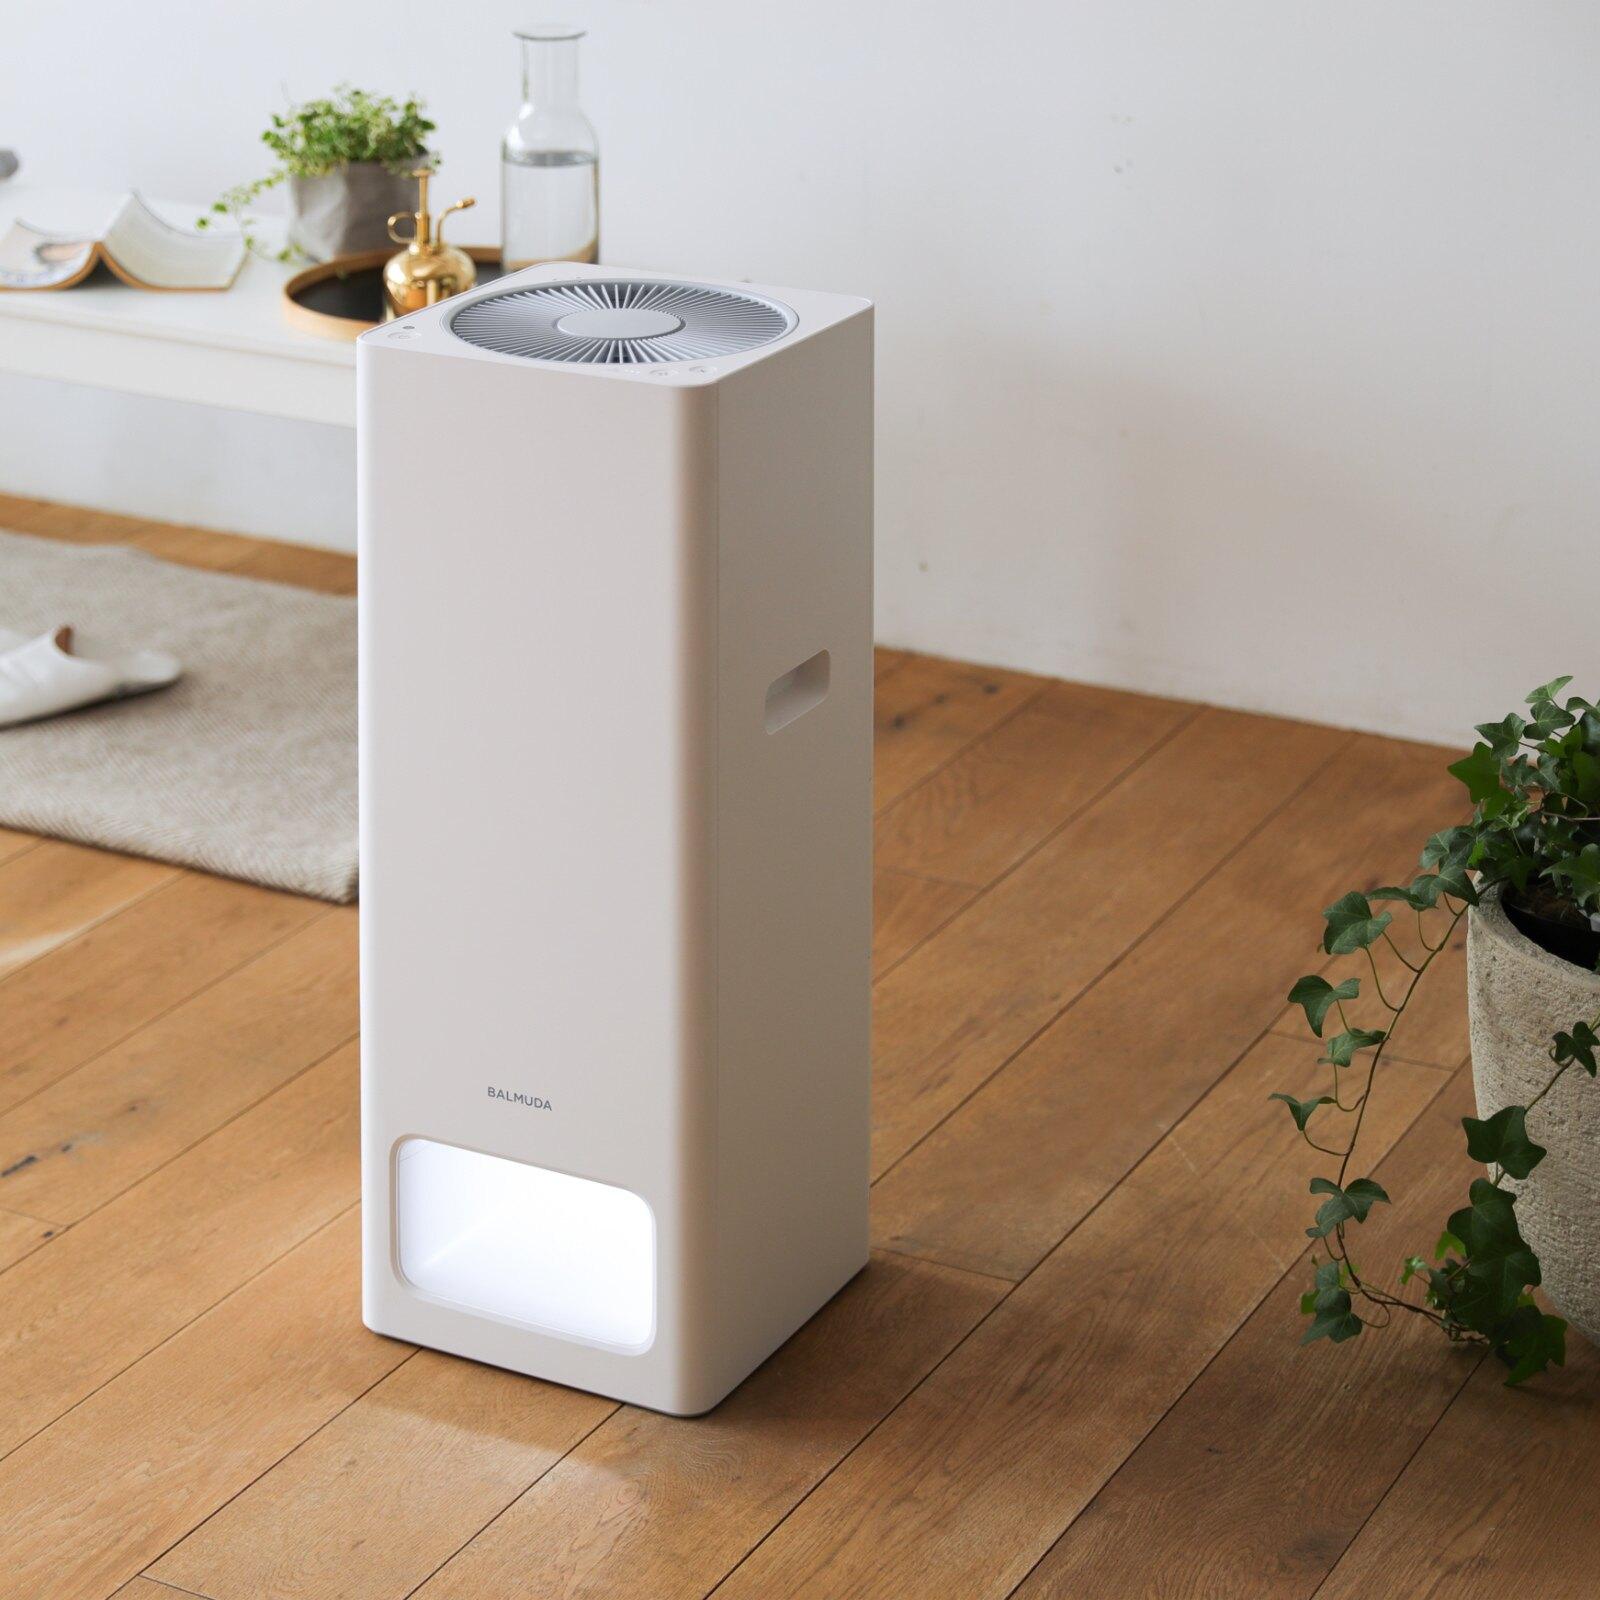 【贈濾網】【送10倍點數】BALMUDA The Pure 空氣清淨機 白色 A01D-WH  全新公司貨 免運